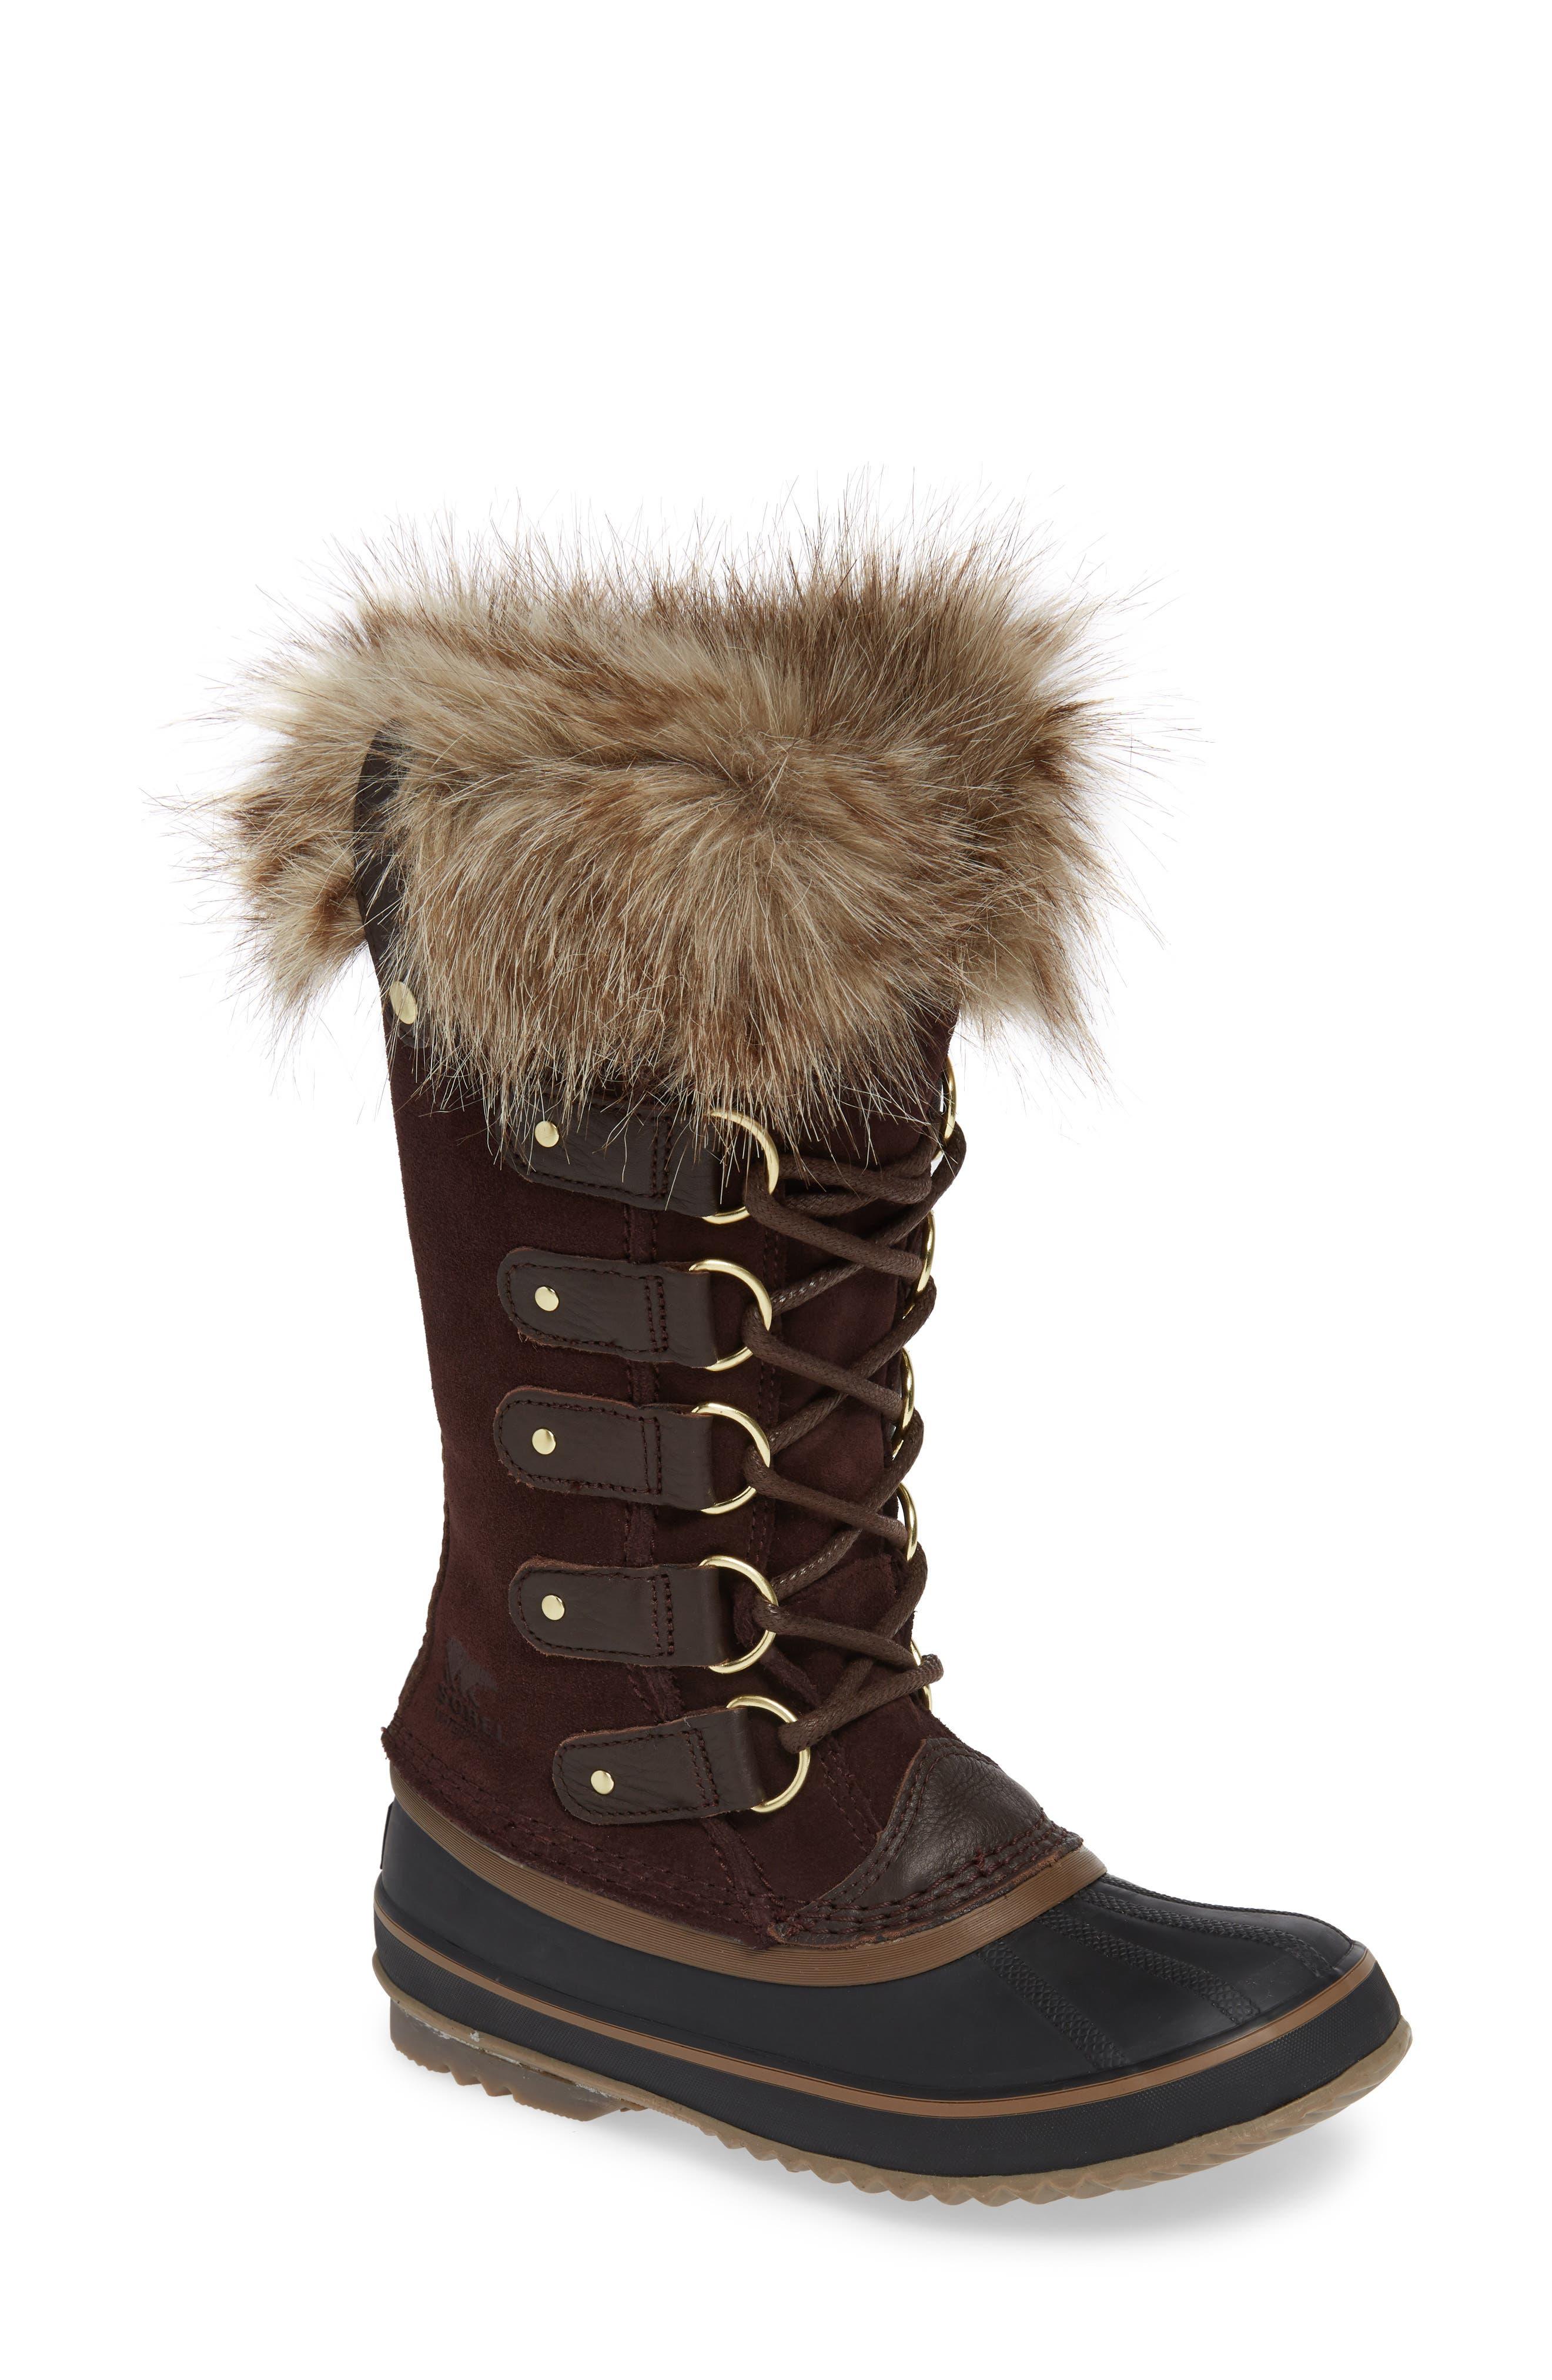 SOREL 'Joan of Arctic' Waterproof Snow Boot, Main, color, 201